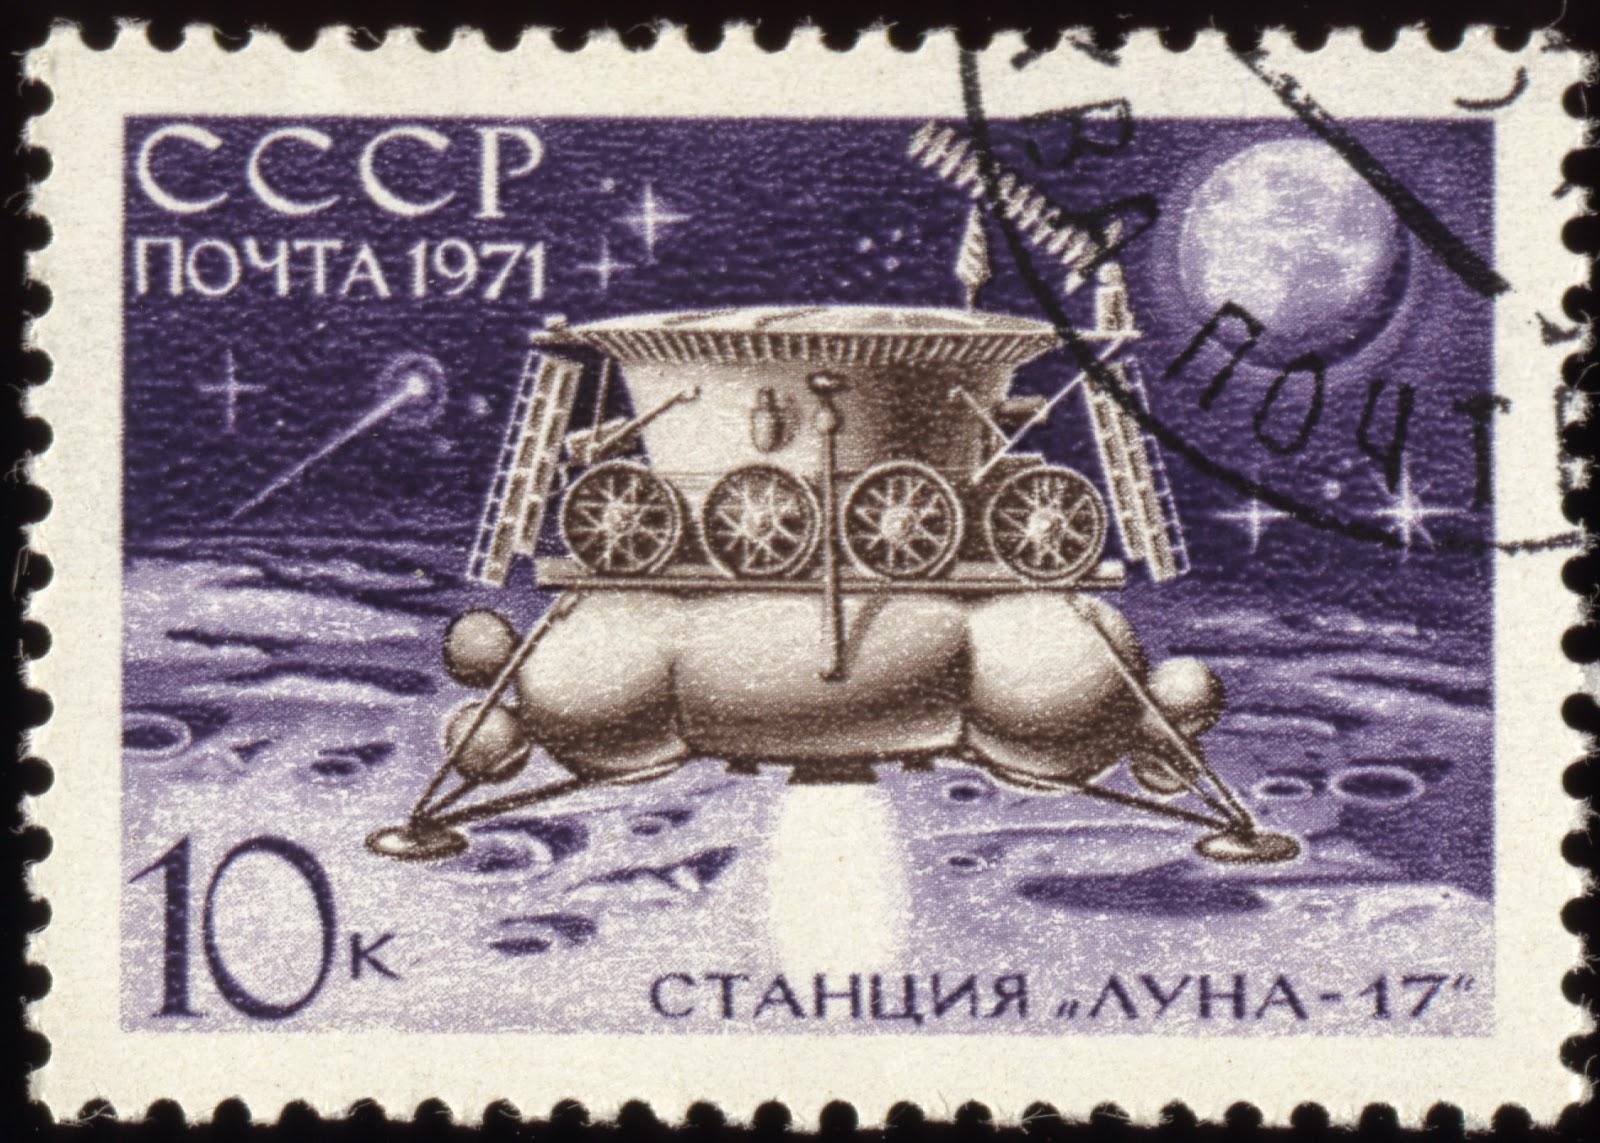 Francobollo da 10 copechi che celebra la missione Luna 17 e il Lunochod.